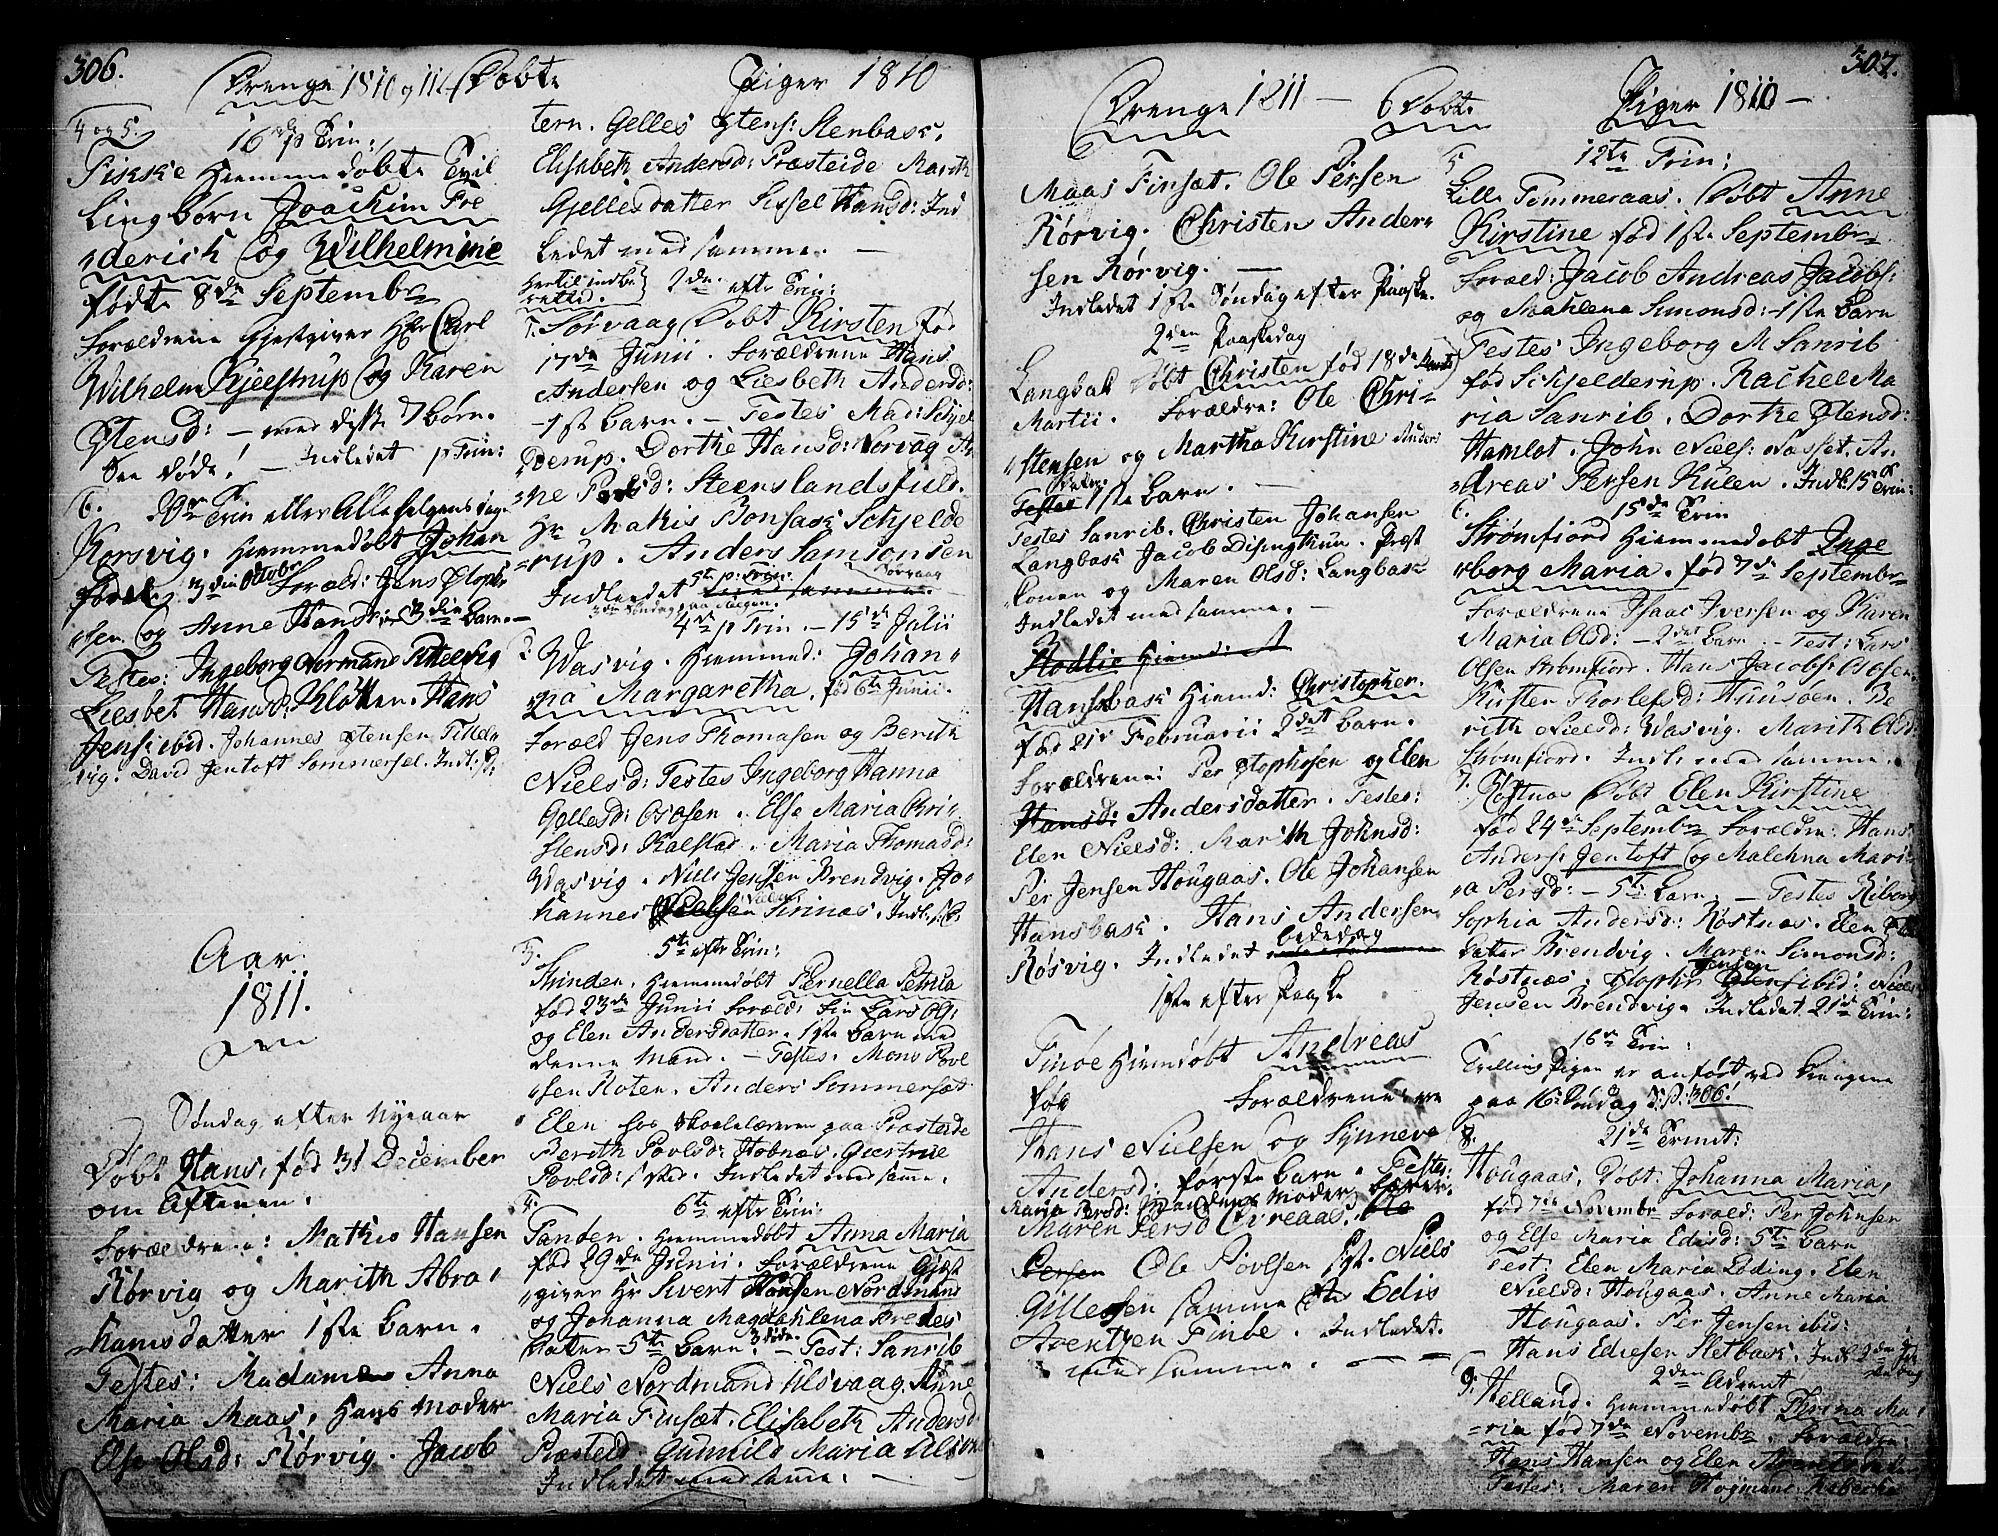 SAT, Ministerialprotokoller, klokkerbøker og fødselsregistre - Nordland, 859/L0841: Parish register (official) no. 859A01, 1766-1821, p. 306-307